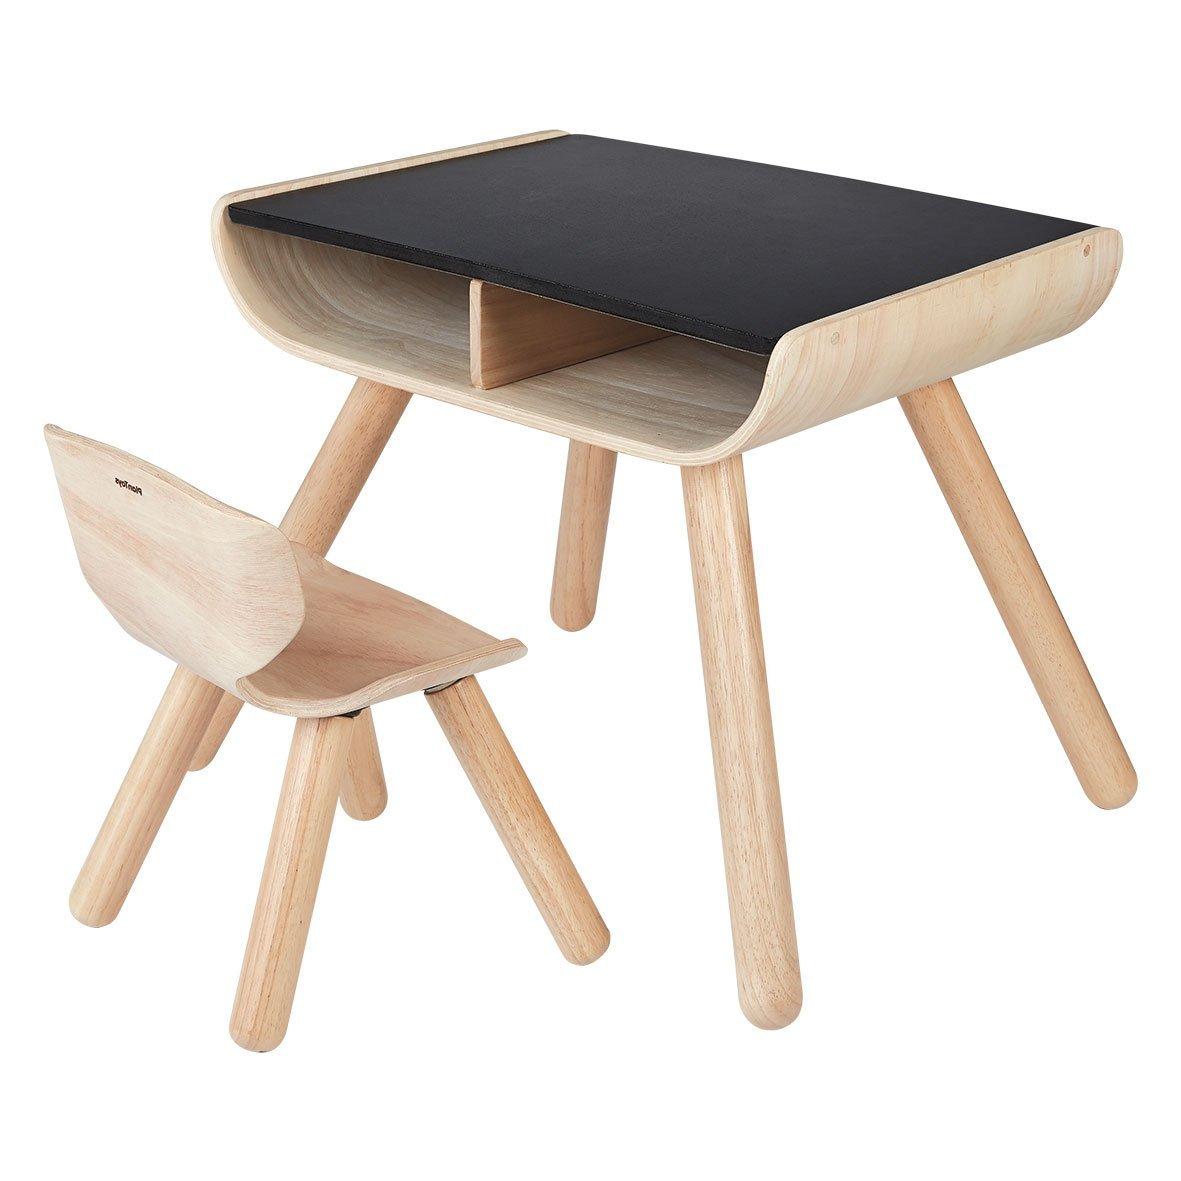 PLANTOYS テーブル&チェア 8700 B01D8Y8CMM ブラック  ブラック, 石雑貨ピュアストーン 1eb2da3b